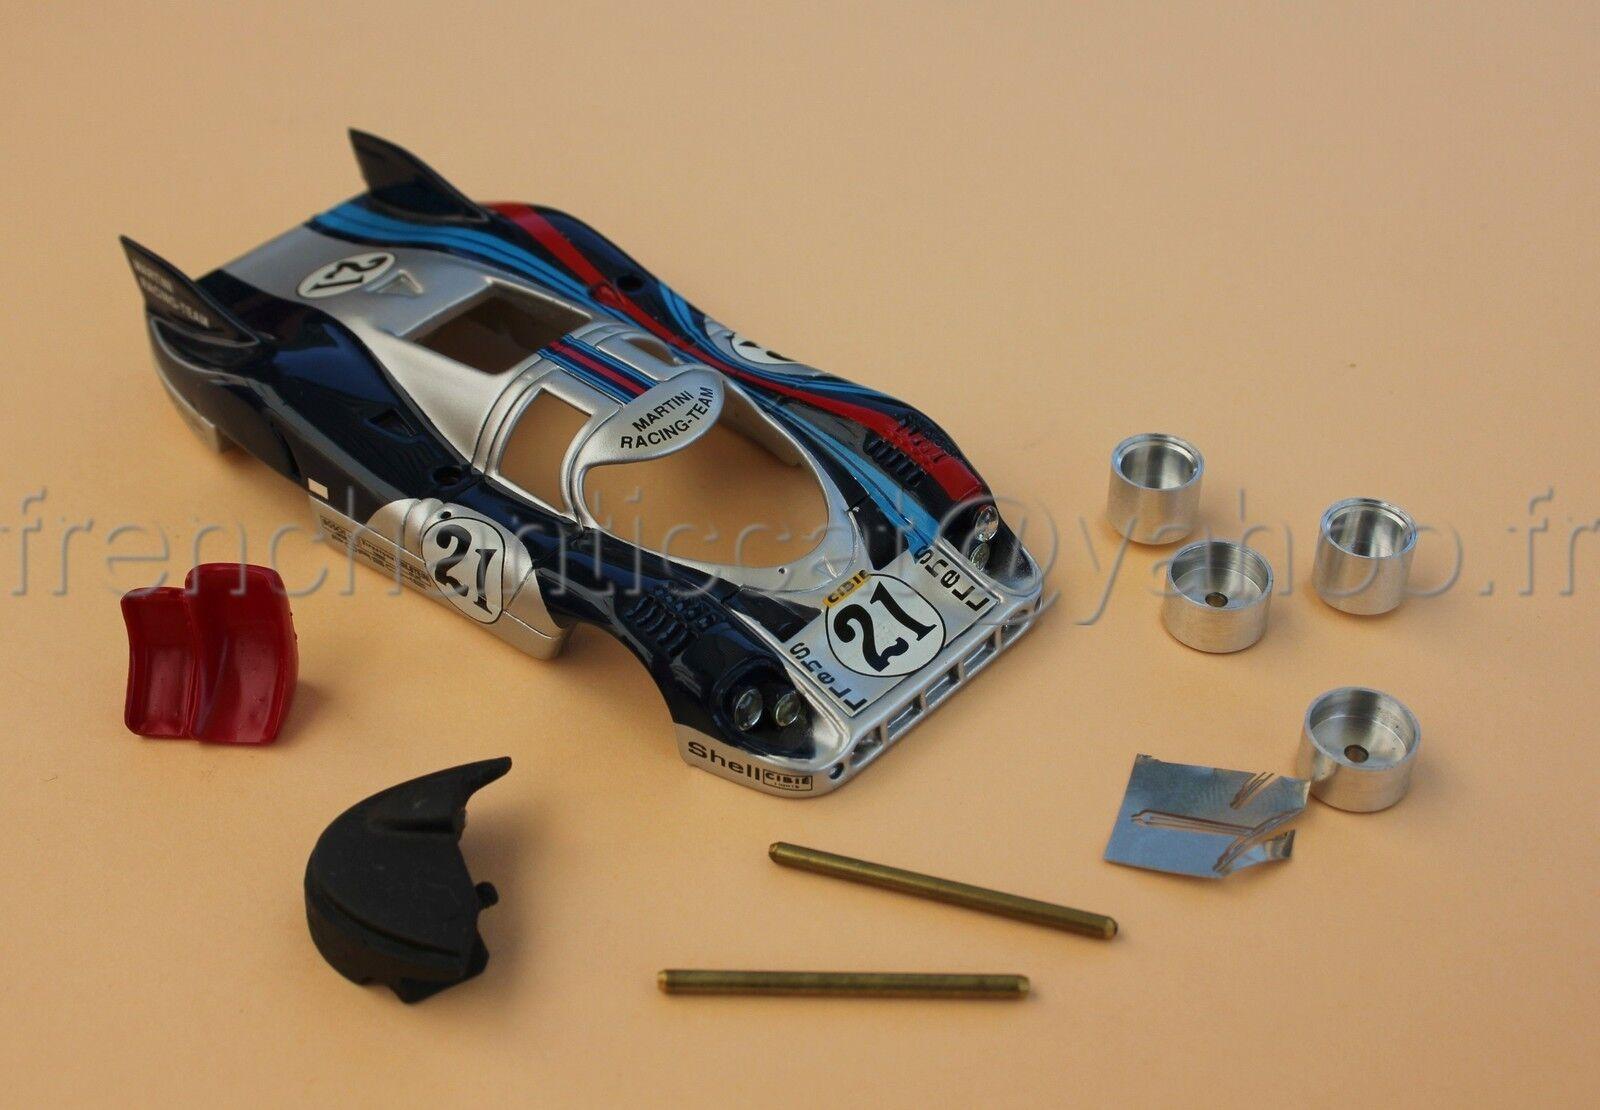 CP Coche Porsche Porsche Porsche 917 Martini Carreras N º 21 1 43 Heco Miniaturas Le Mans bf162a